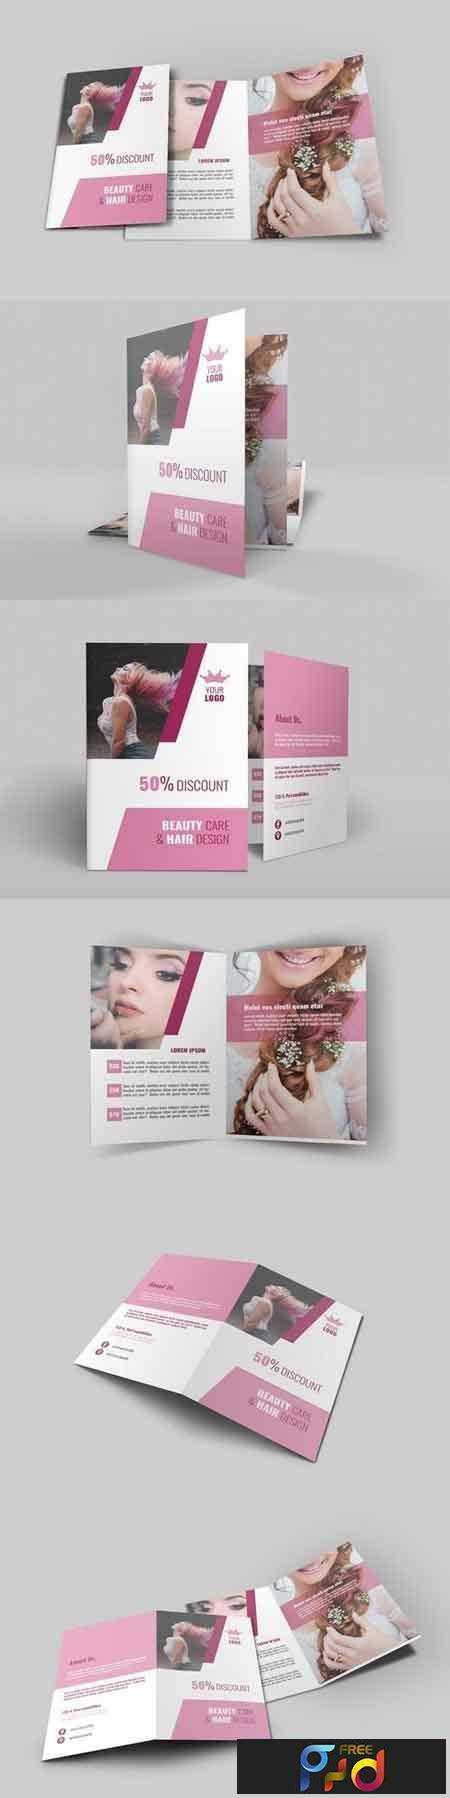 1709263 Hair Style Bi-Fold Brochure 1930669 1